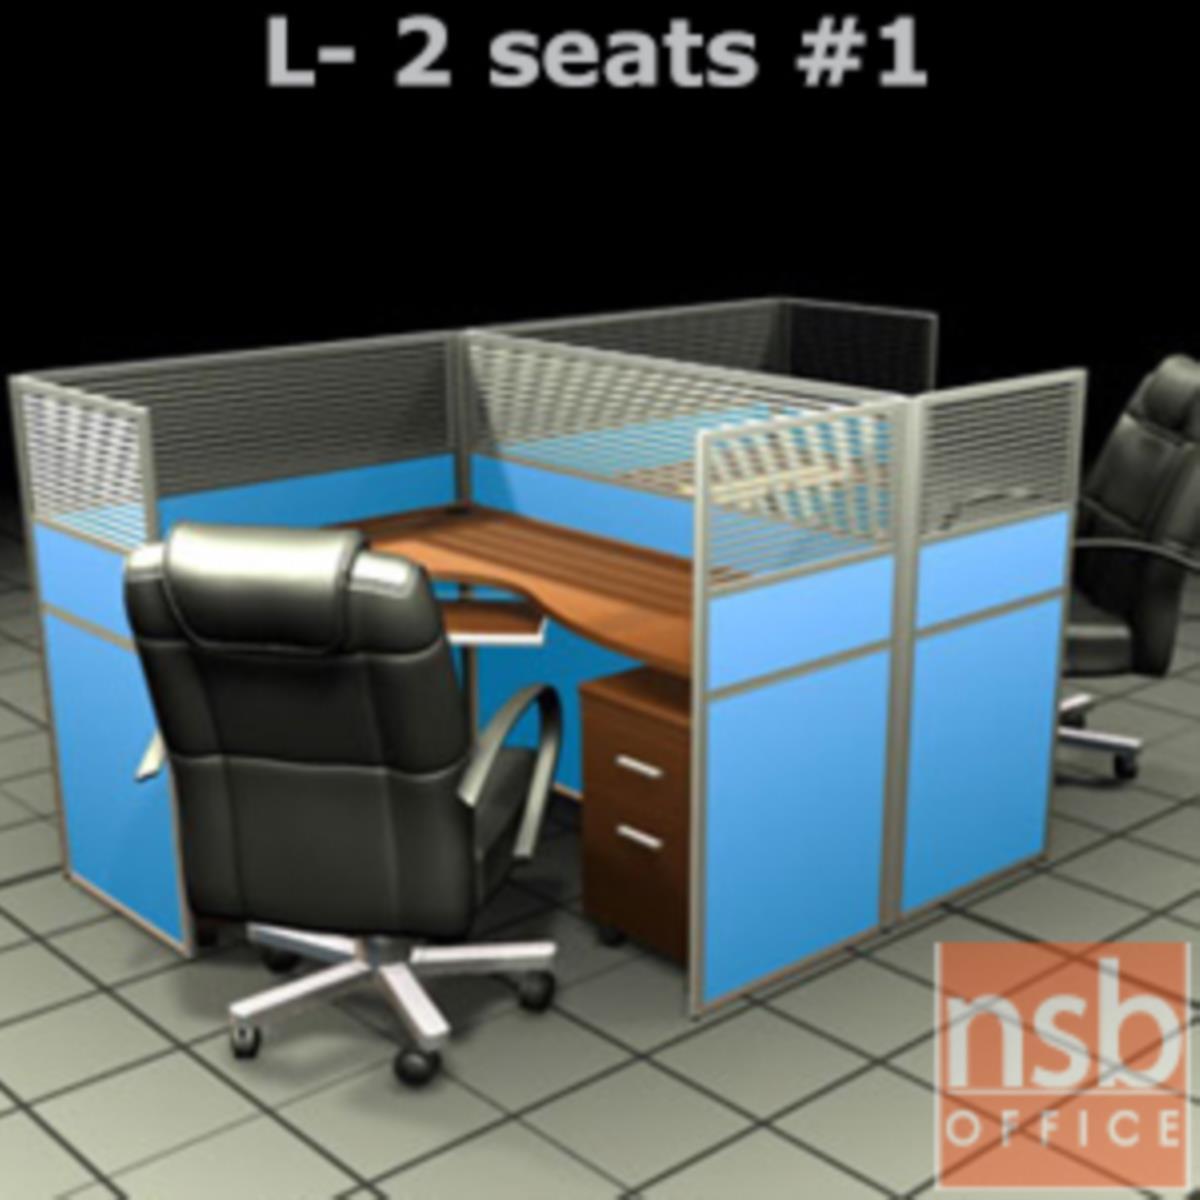 A04A100:ชุดโต๊ะทำงานกลุ่มตัวแอล 2 ที่นั่ง   ขนาดรวม 246W*154D cm. พร้อมพาร์ทิชั่นครึ่งกระจกขัดลาย